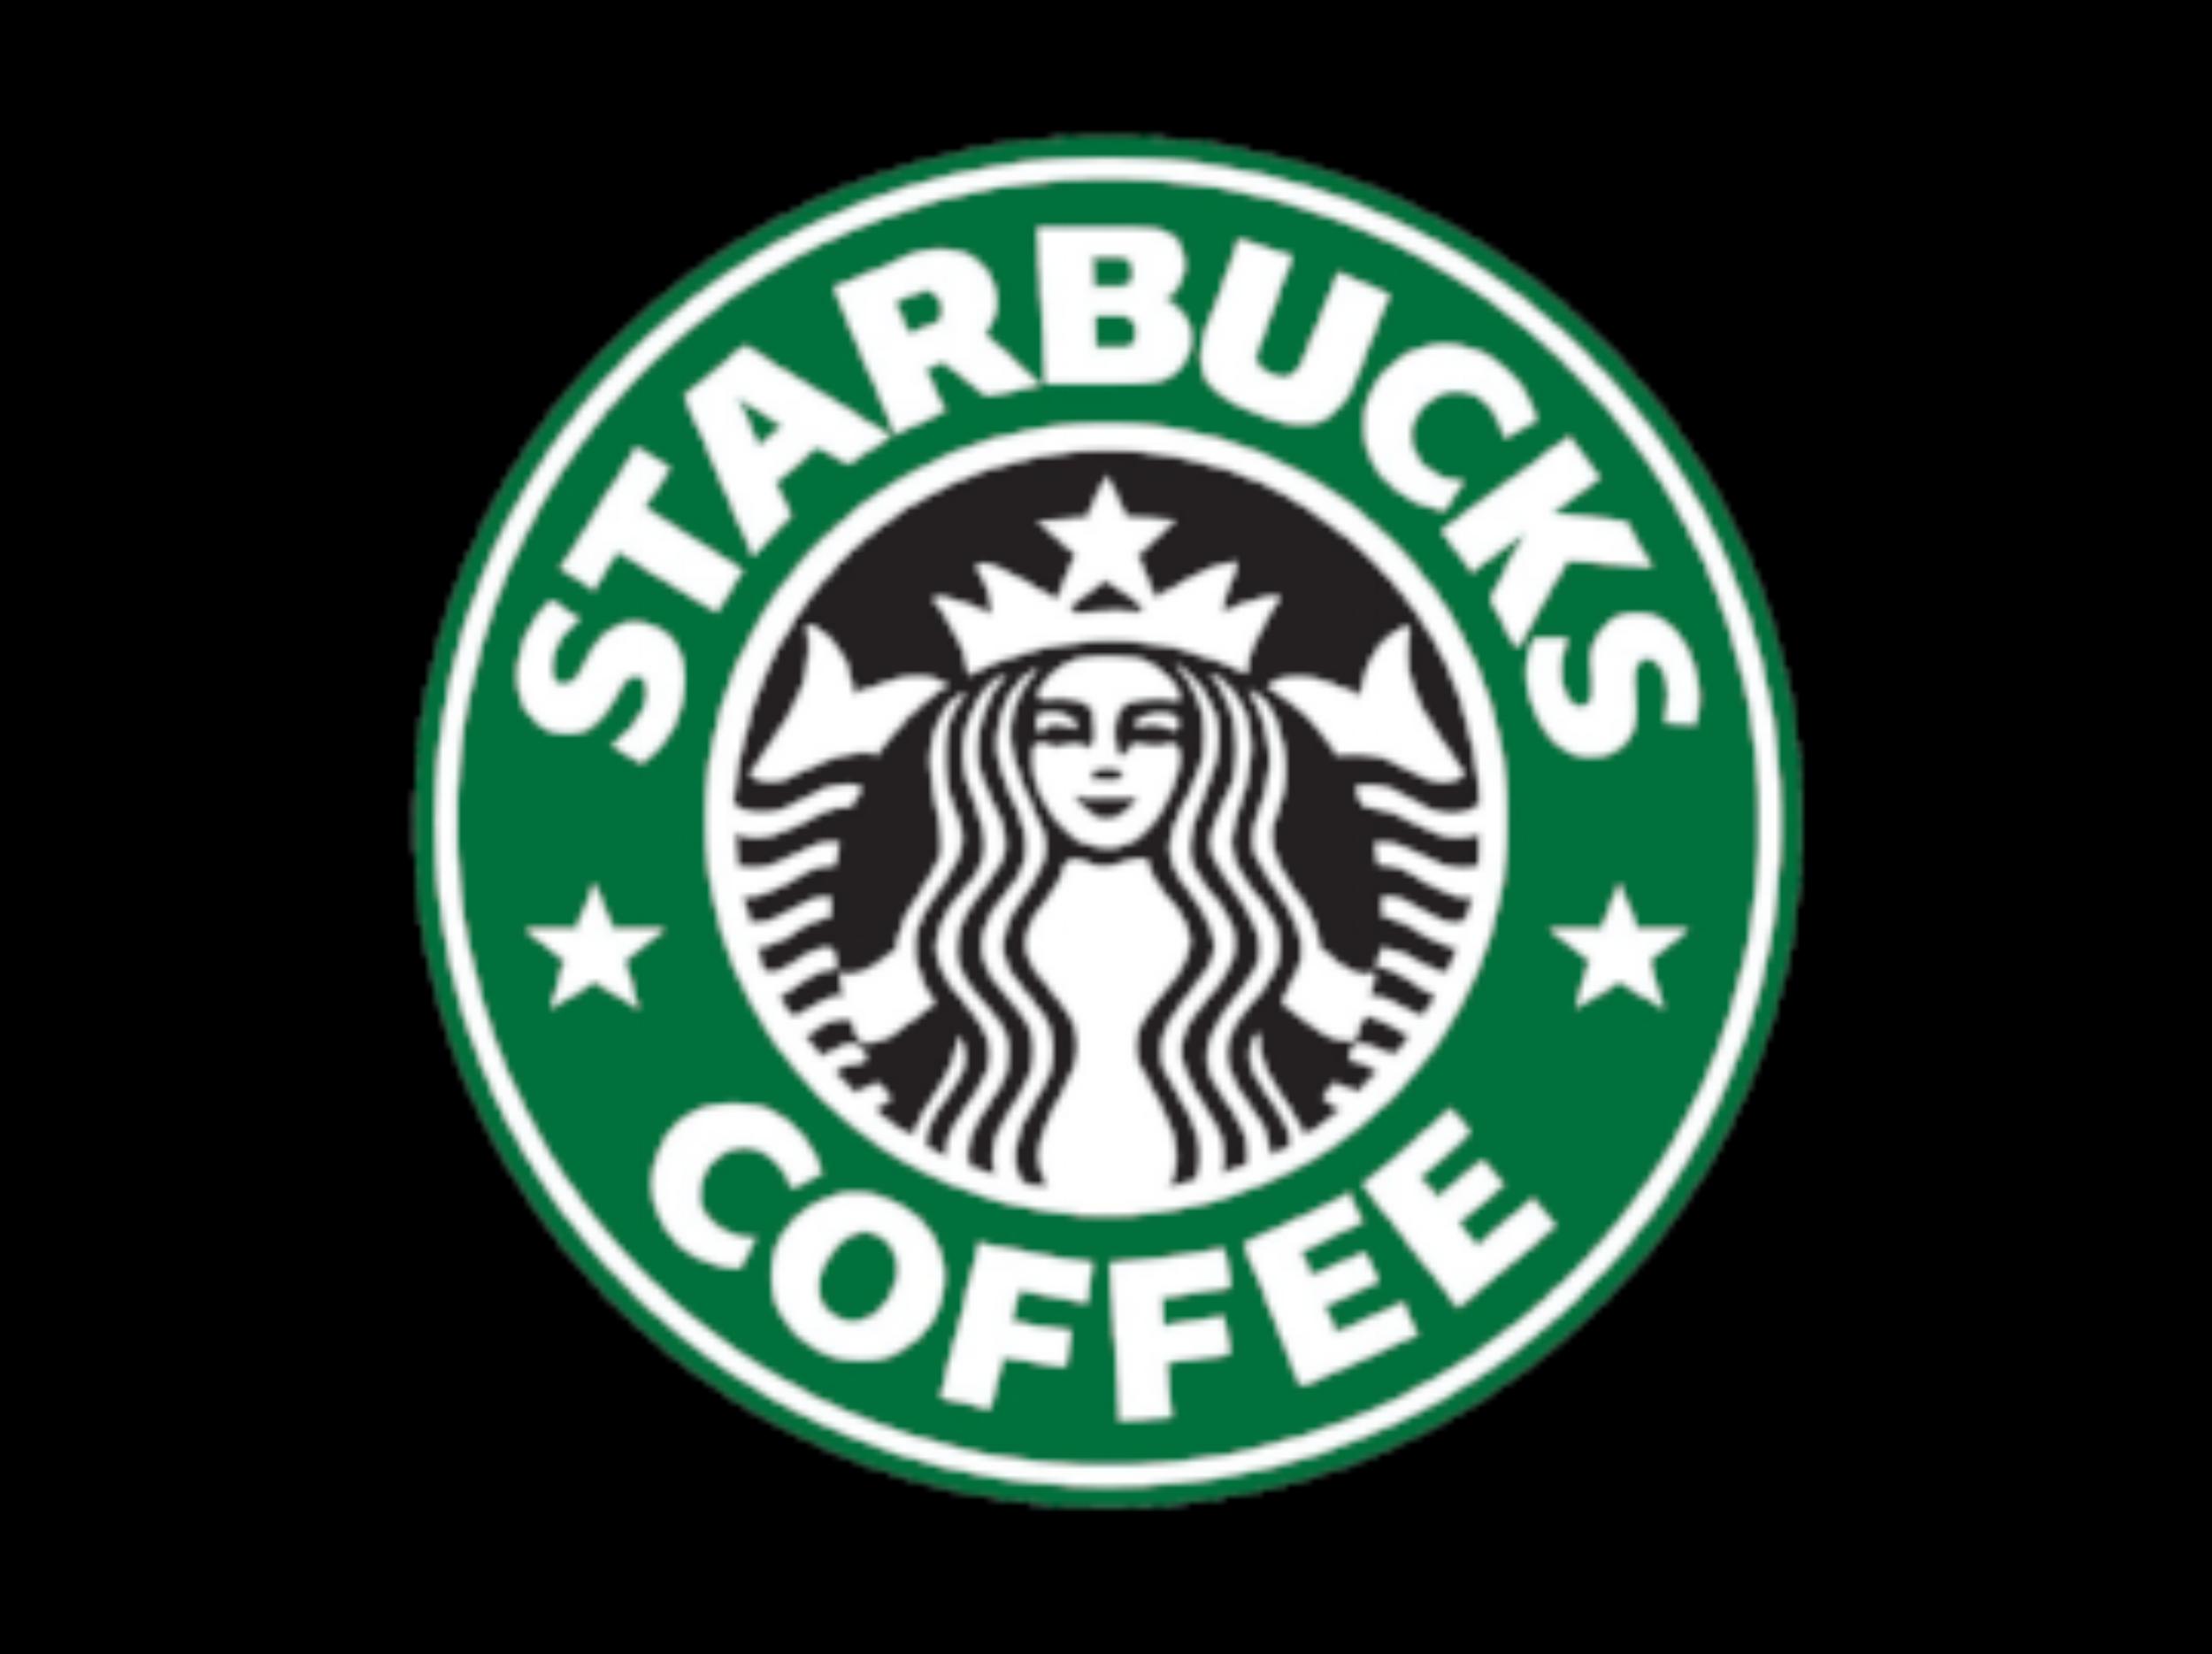 Starbucks-logo-old.png